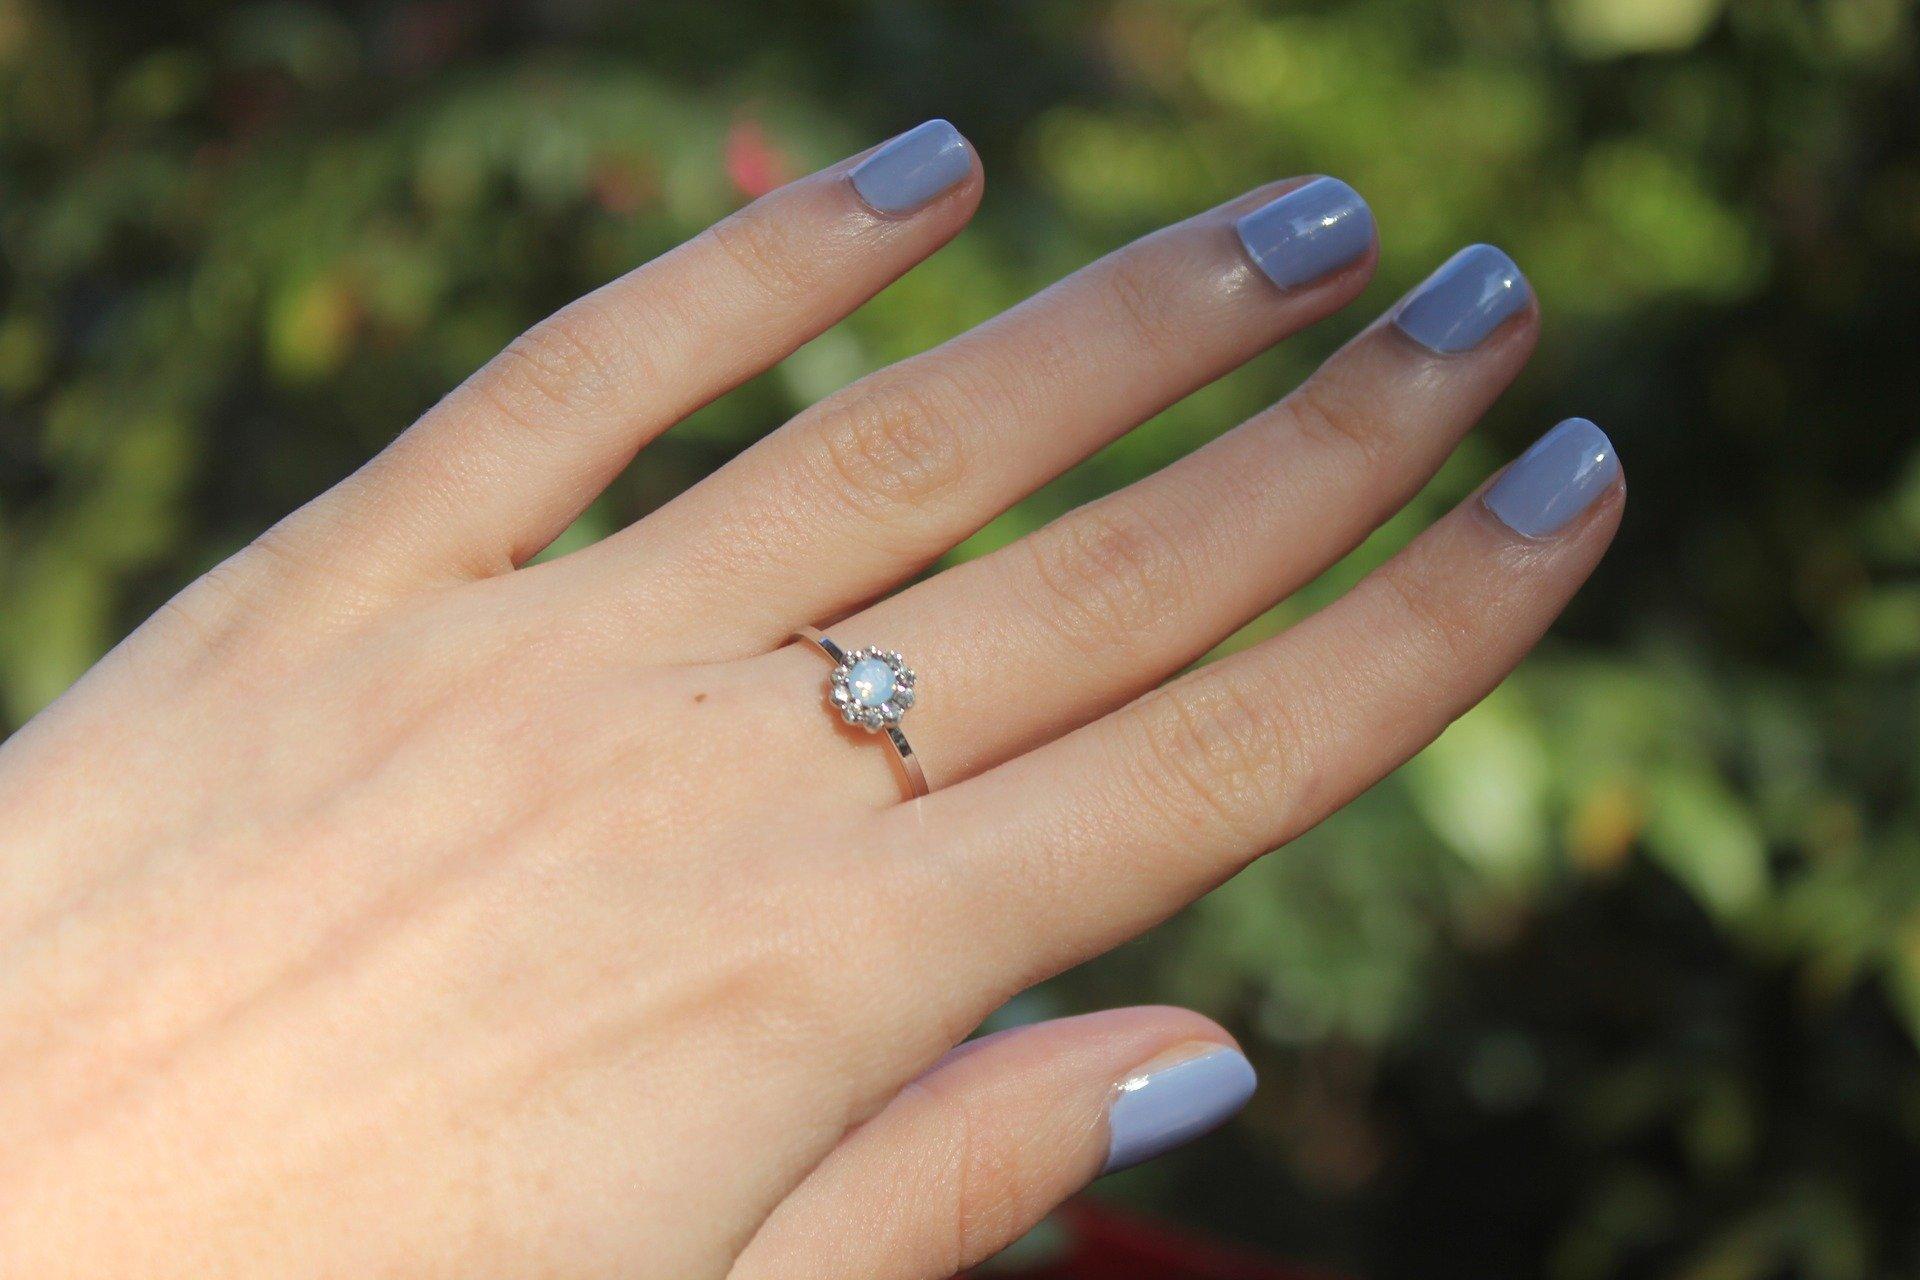 waterbased nail polish resin